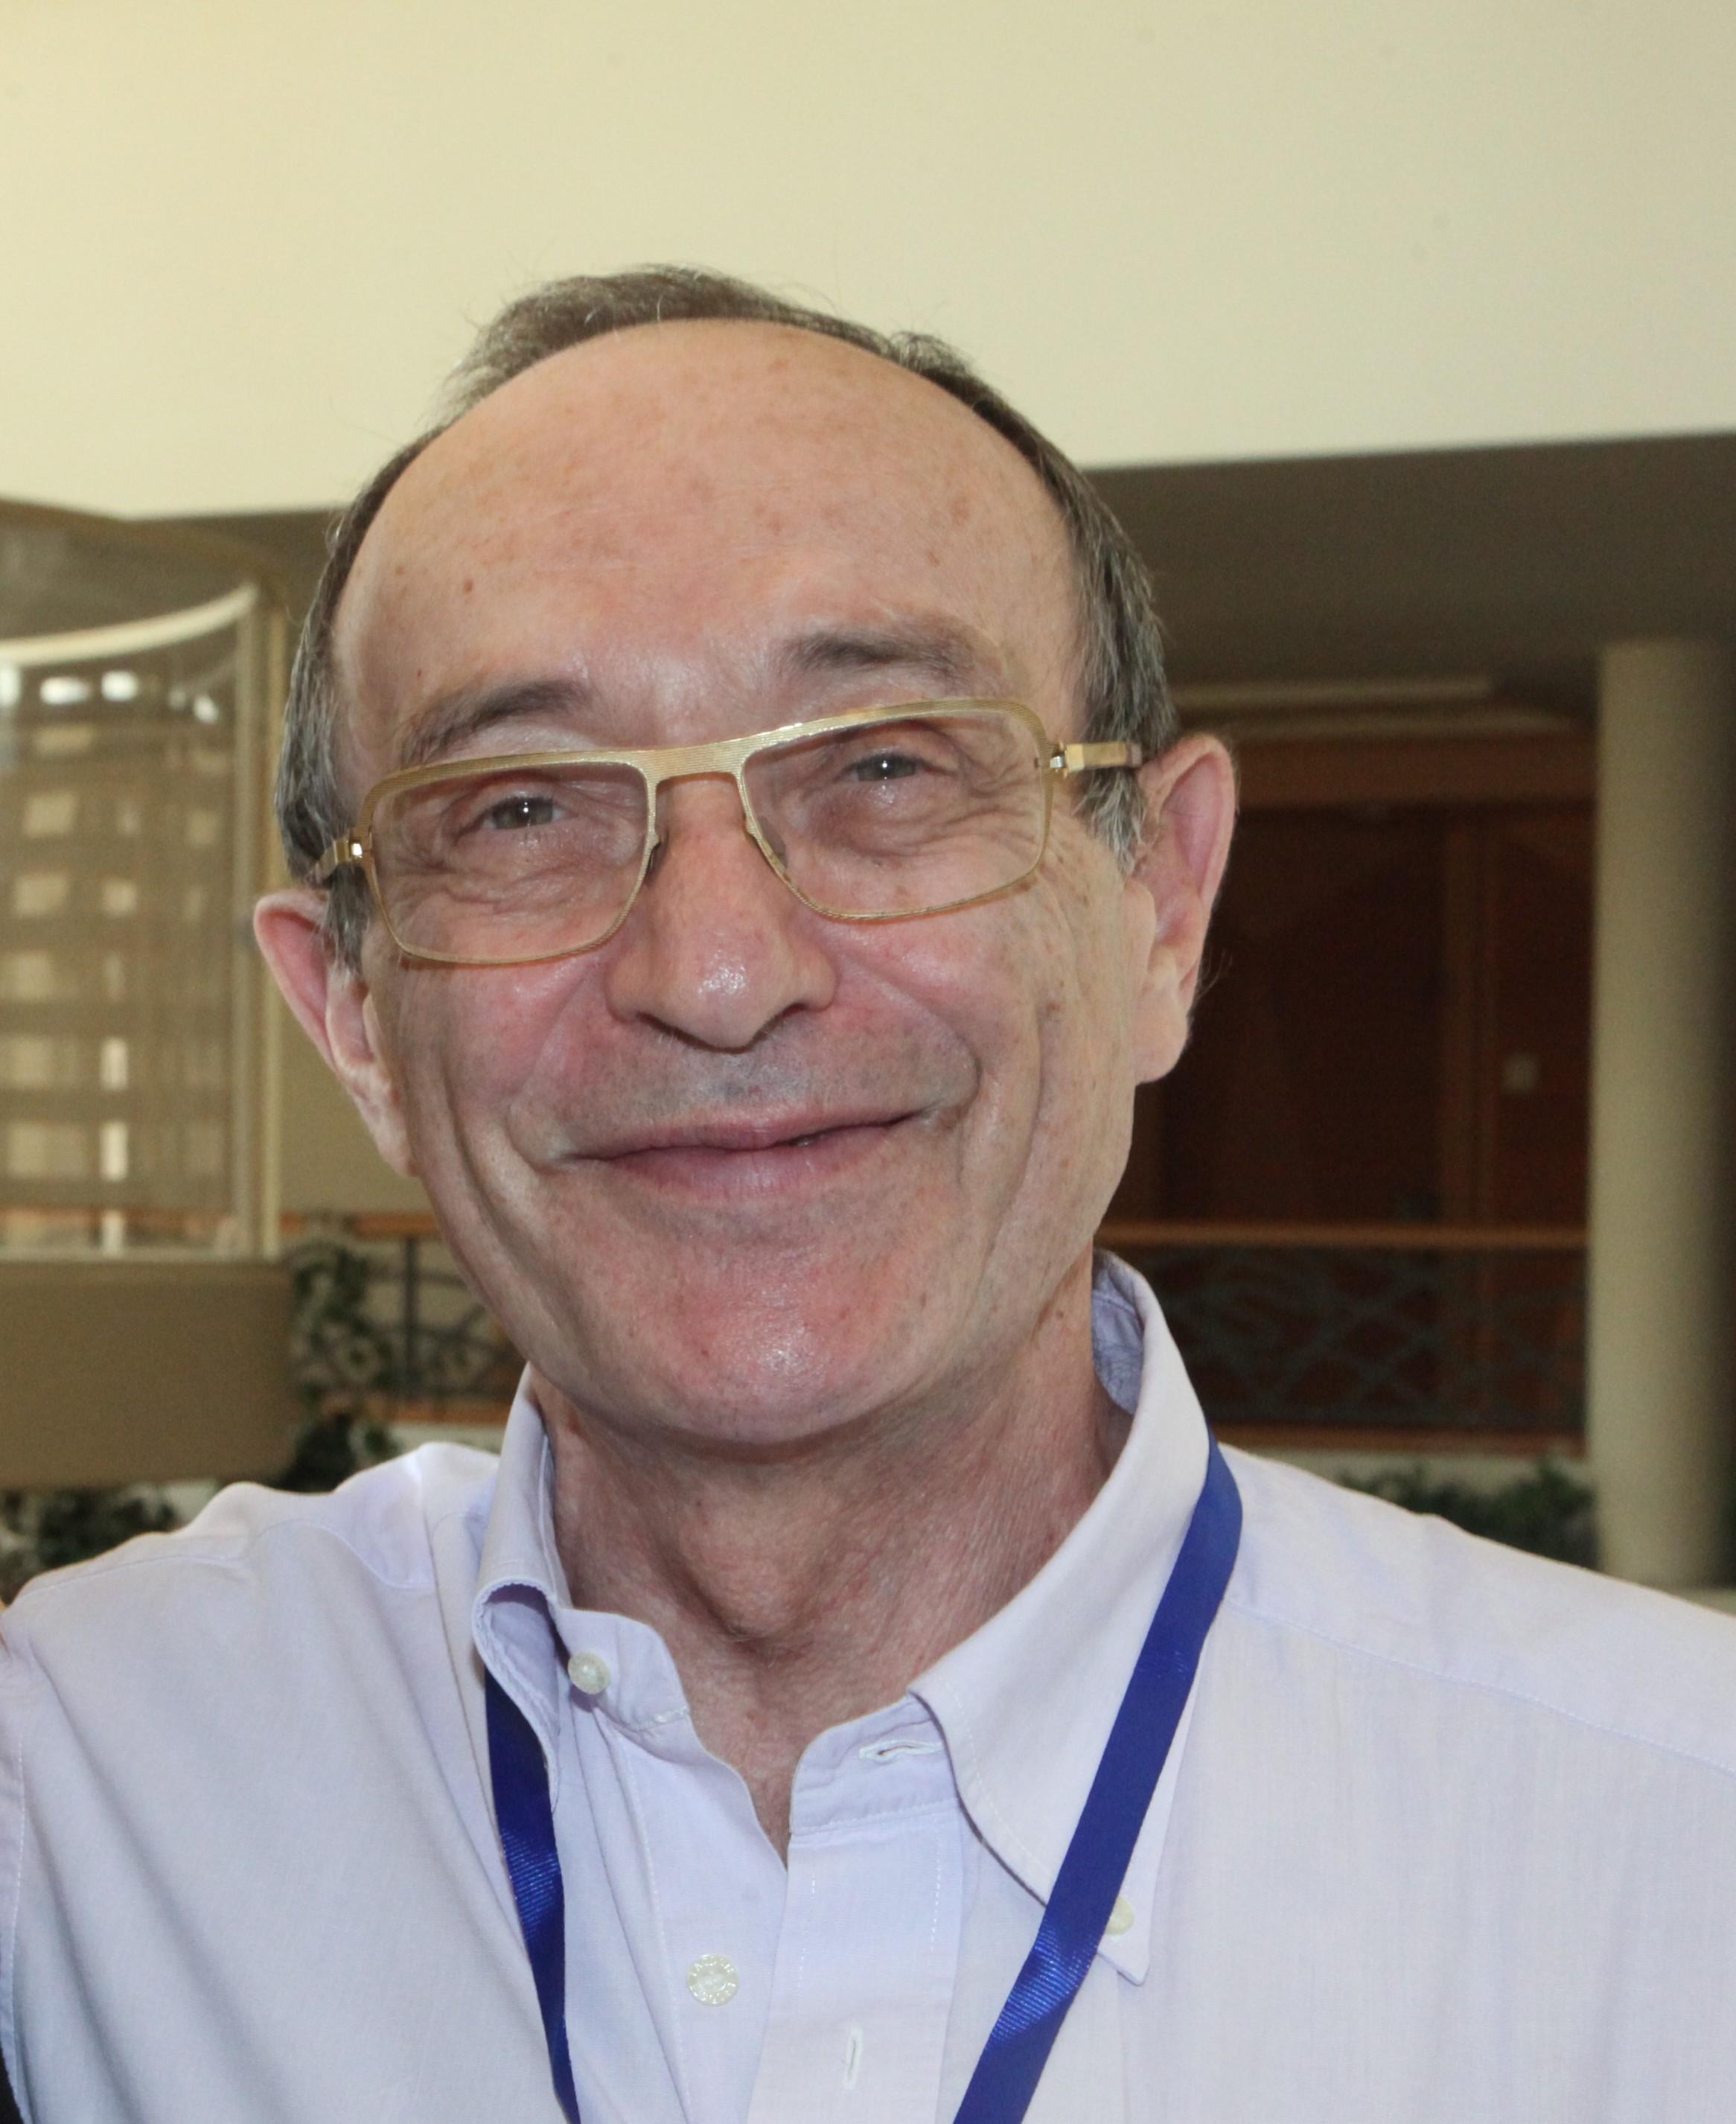 פרופסור אברהם צרניאק - תמונת פרופיל